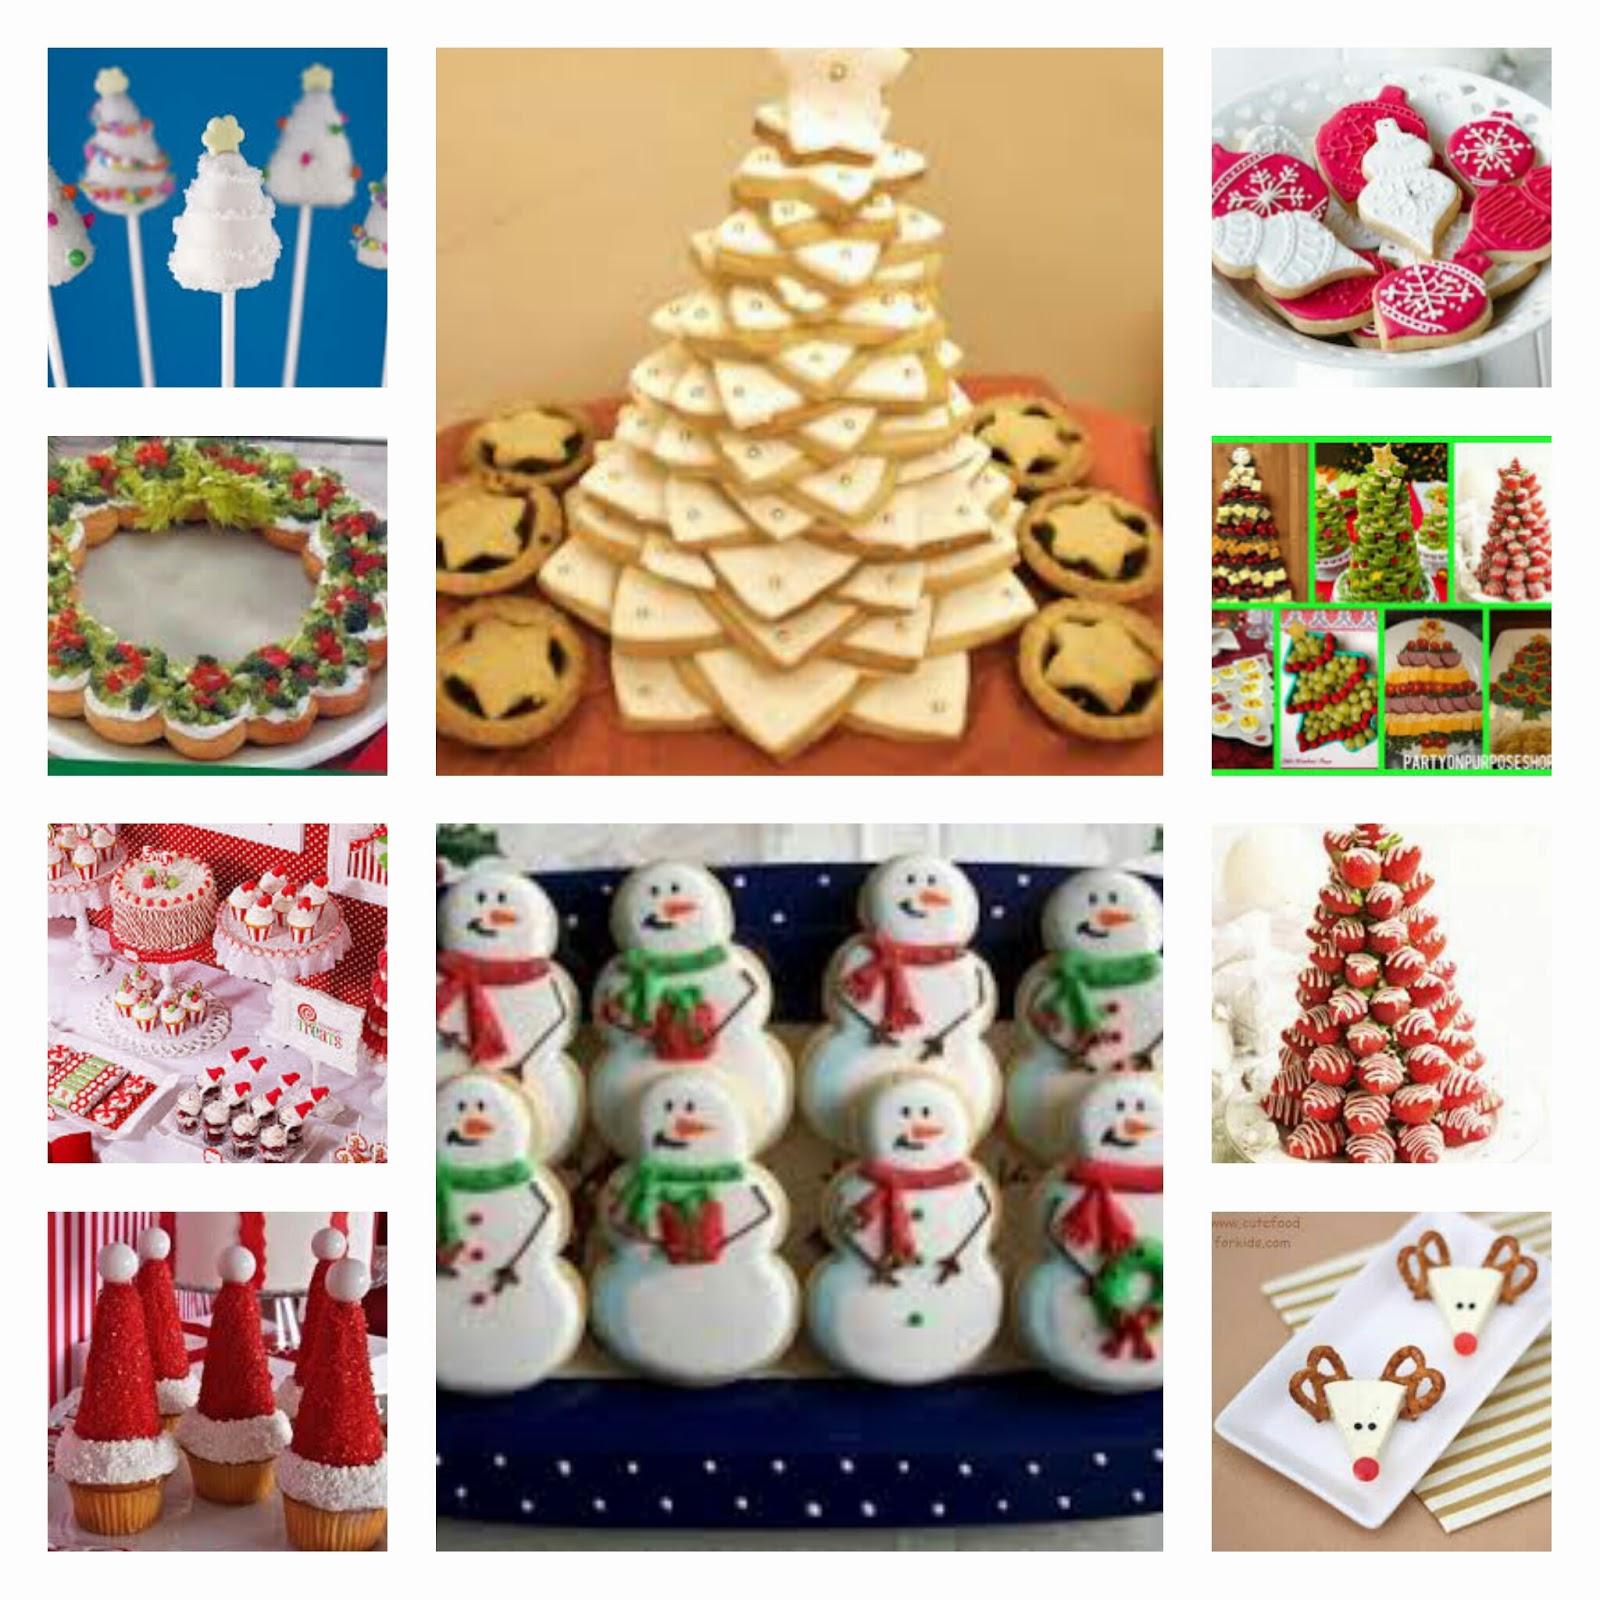 Emejing Ideas De Cocina Para Navidad Images - Casa & Diseño Ideas ...